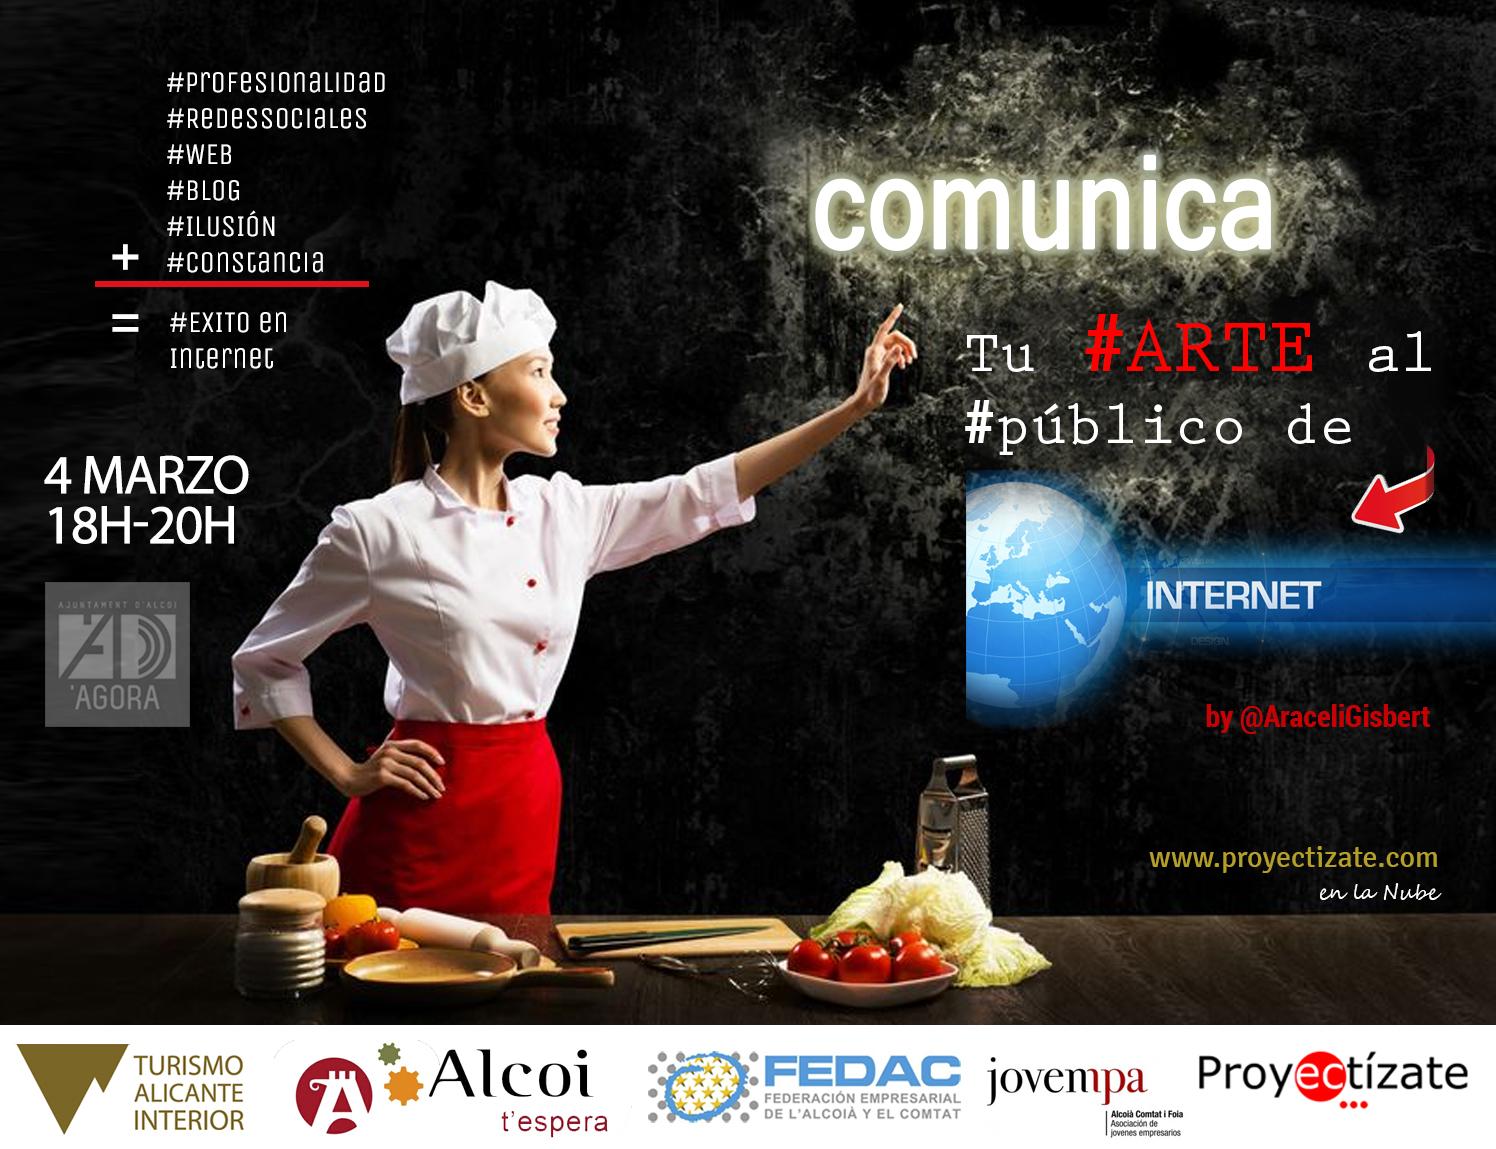 Comunicarte en Agora Alcoy Alcoi Comunicacion de tu arte con Araceli Gisbert